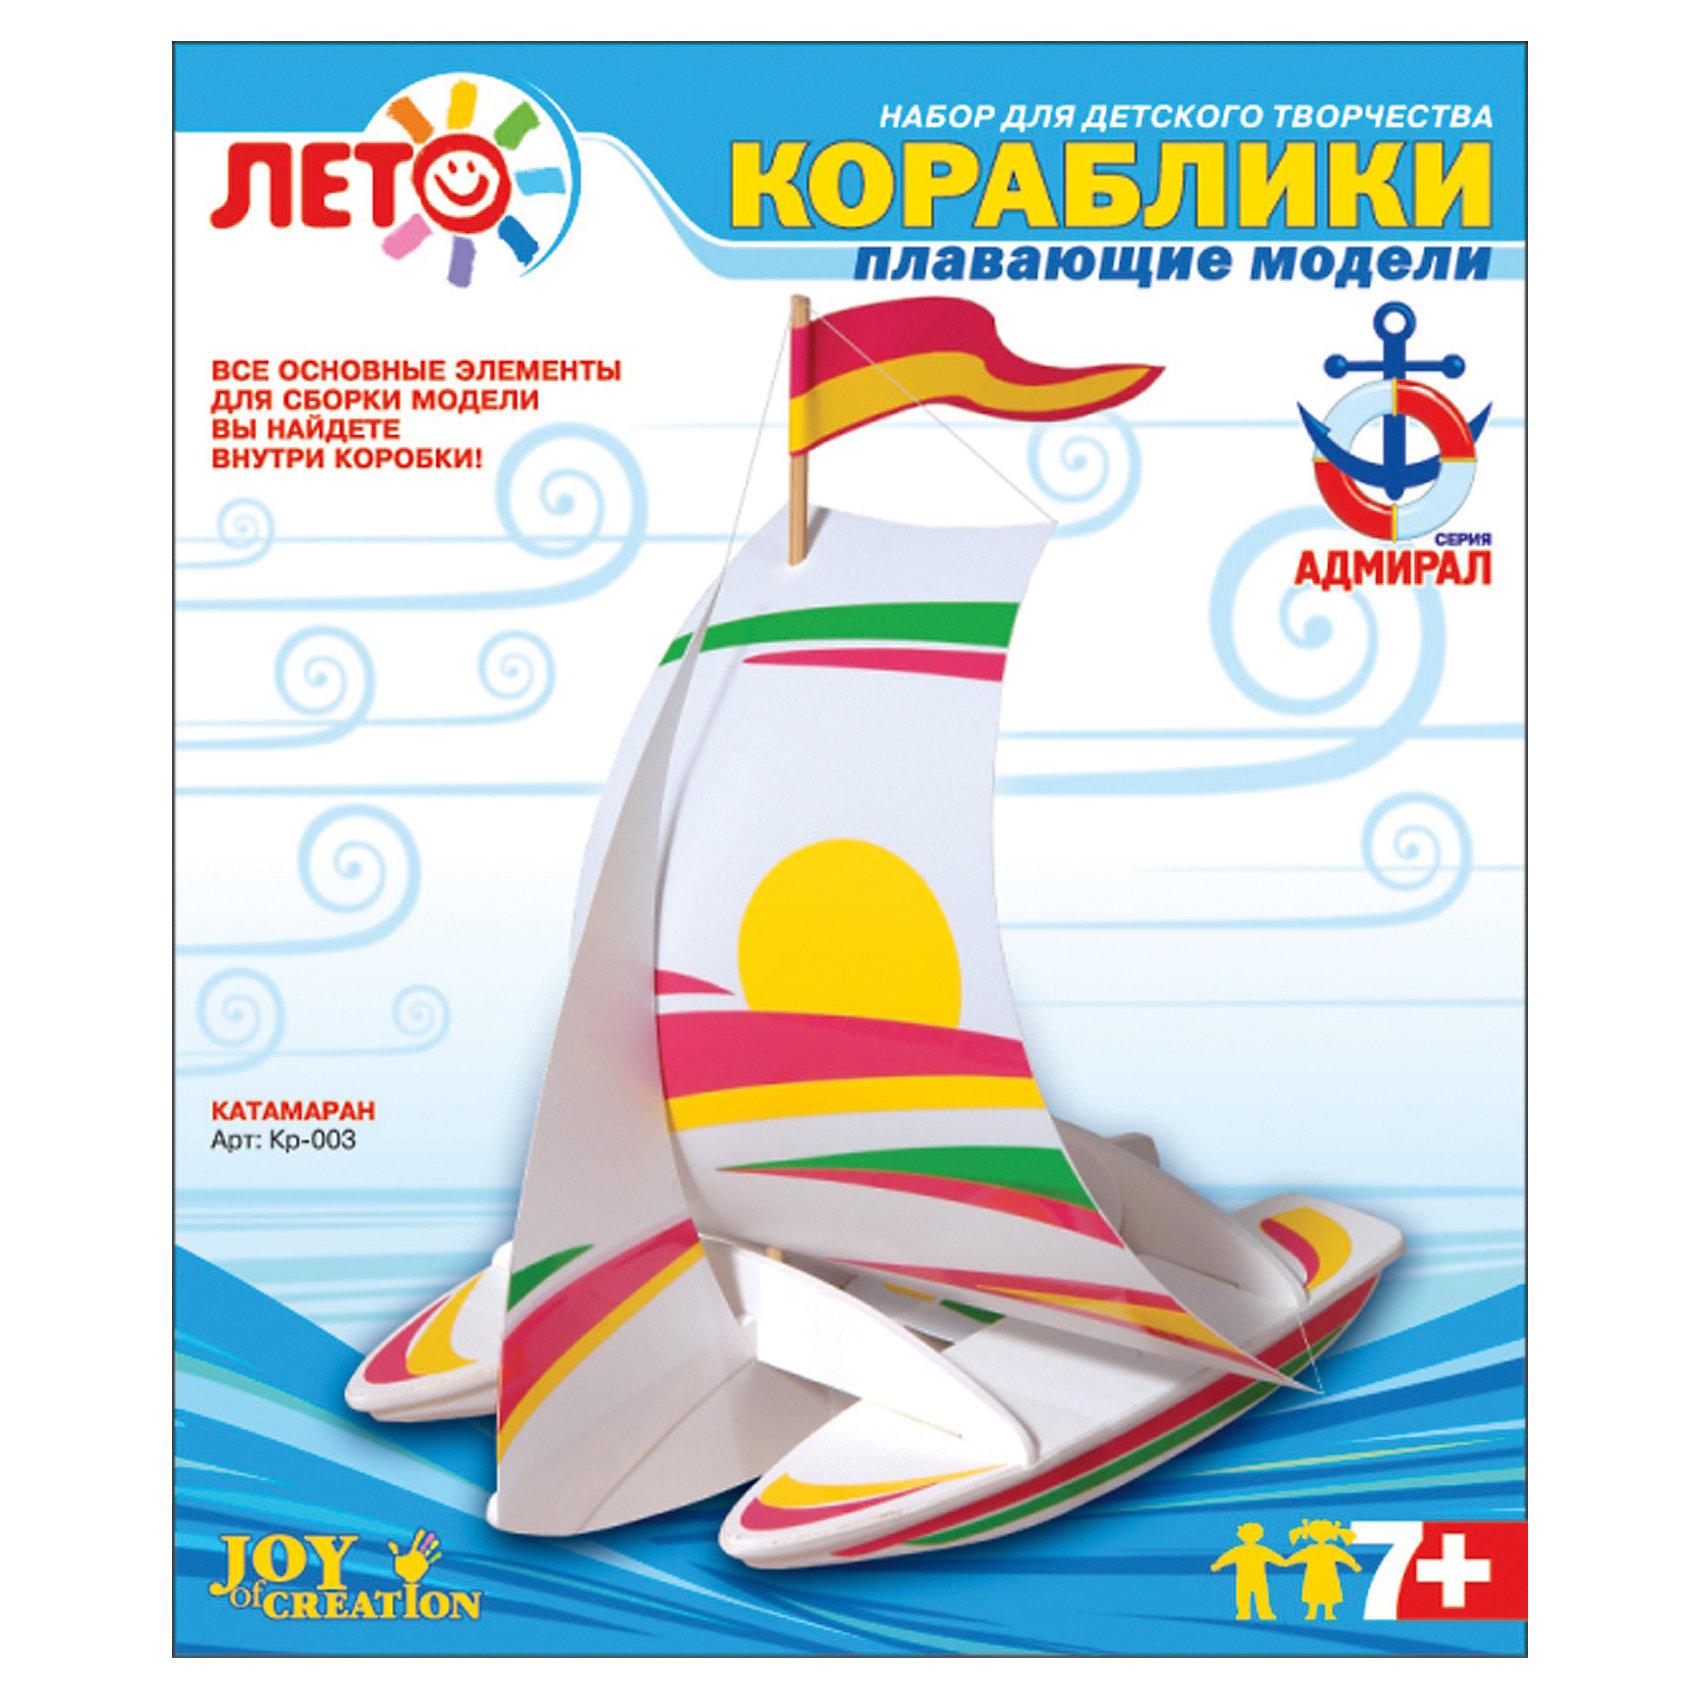 LORI Изготовление моделей кораблей Катамаран